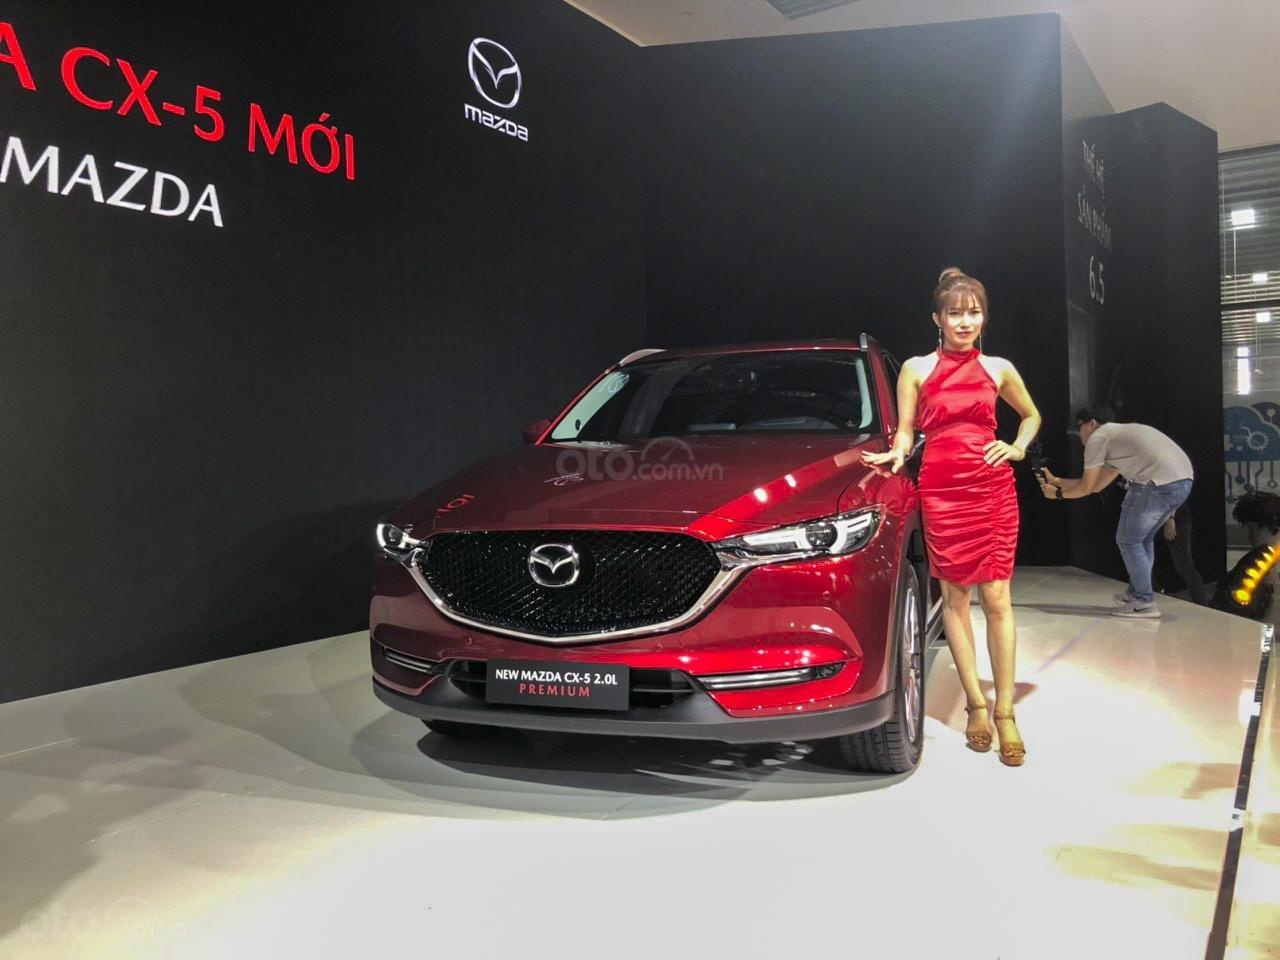 Đánh giá xe Mazda CX-5 2019: Ngoại hình của phiên bản 2019 không có sự thay đổi ở phần đầu xe.